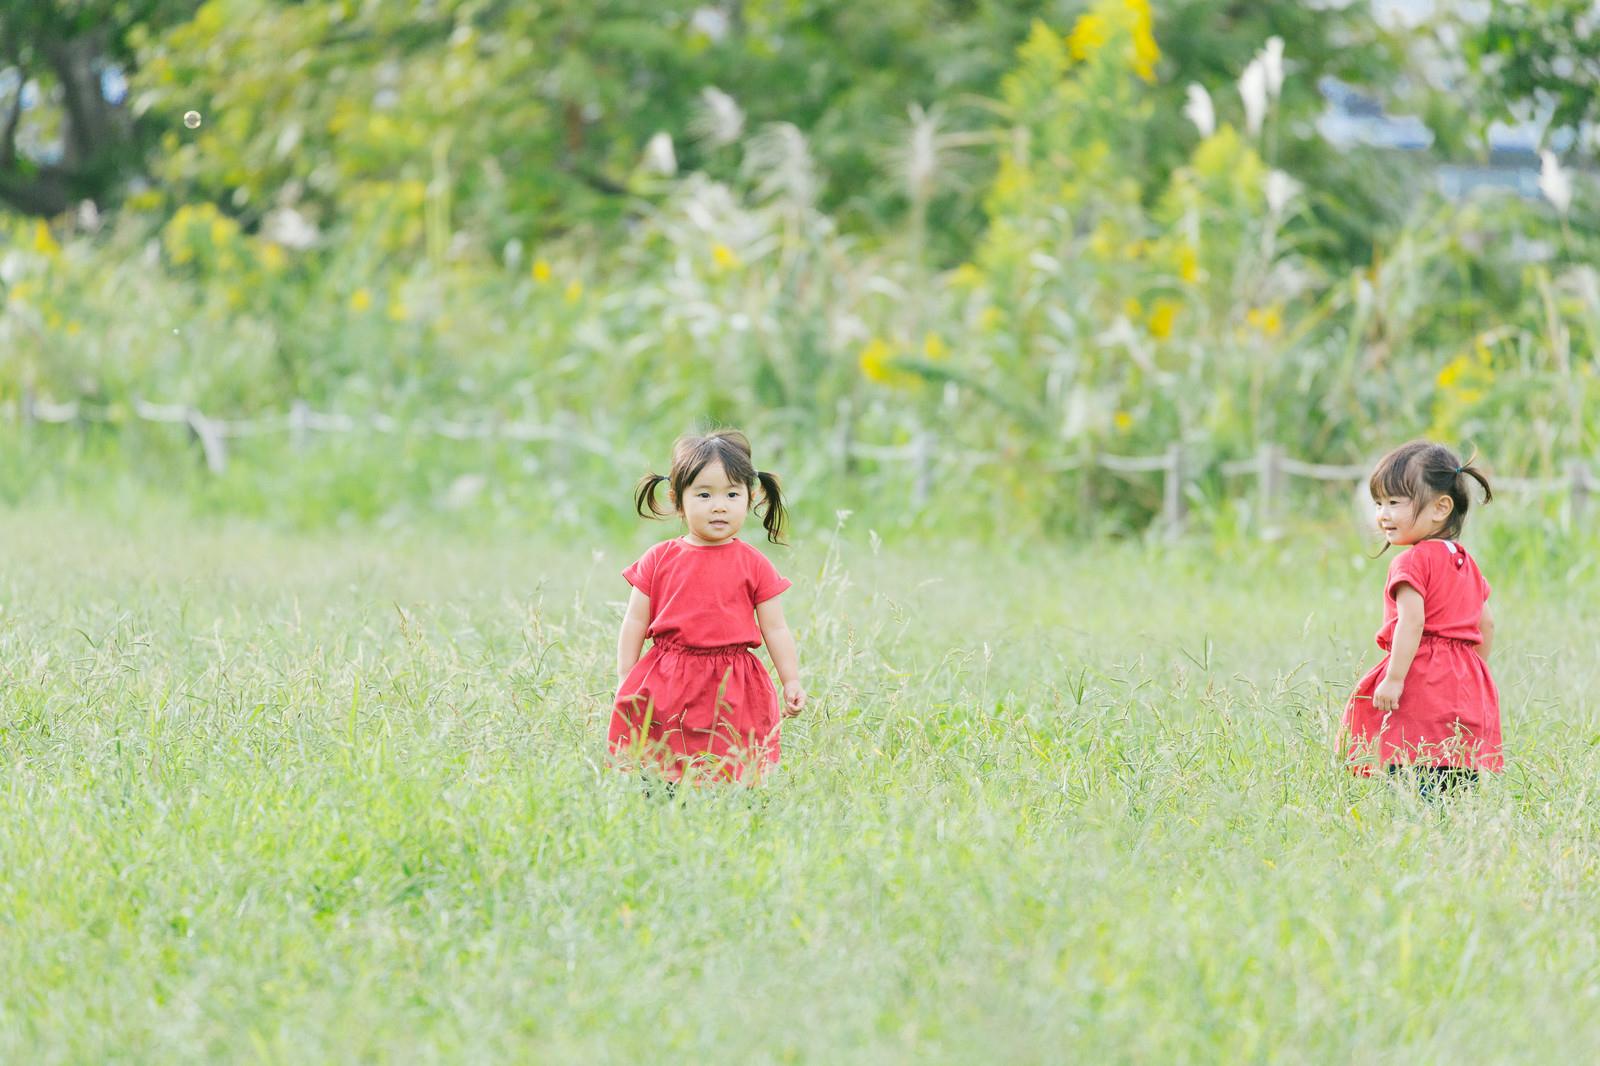 京都府南丹市の空き地で!子供達の霊がそこにいる!?